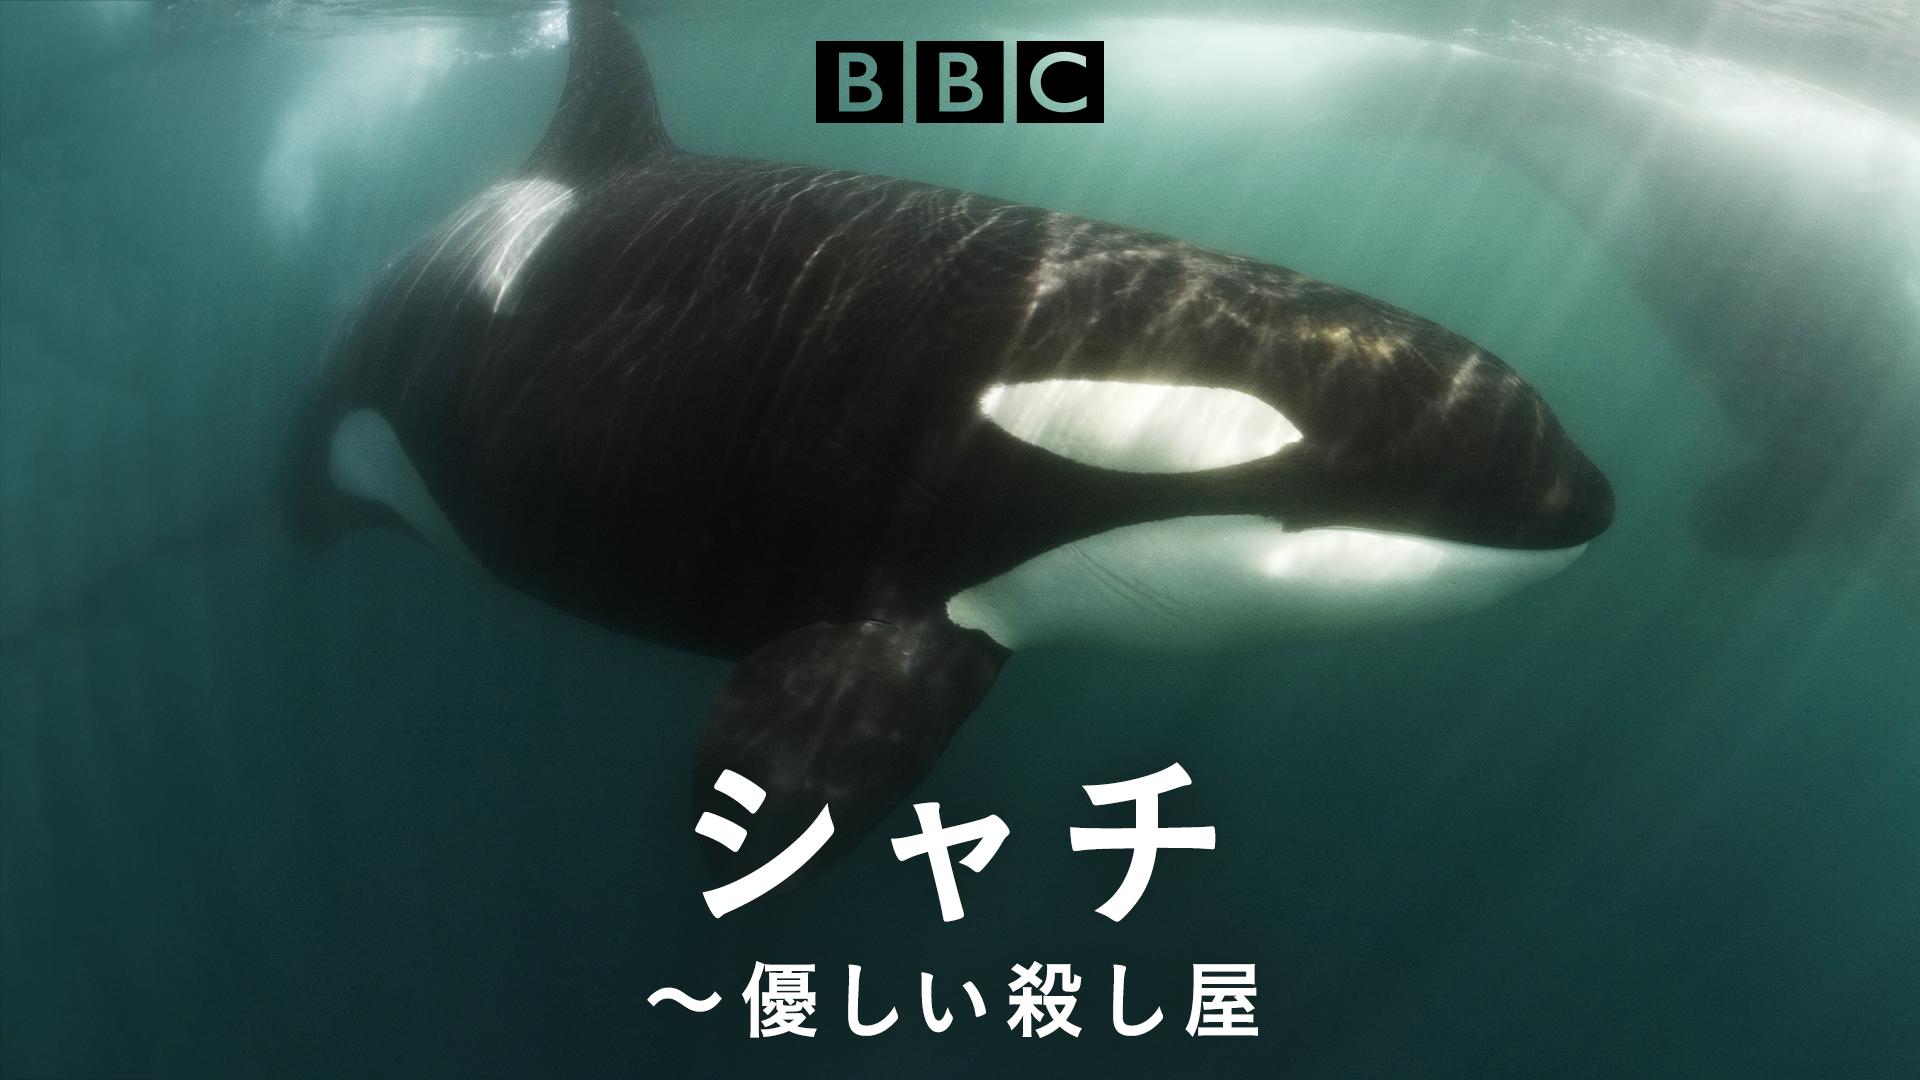 動物の謝肉祭 シャチ~優しい殺し屋~ (ナチュラルワールド)の動画 - 氷の国の動物たち